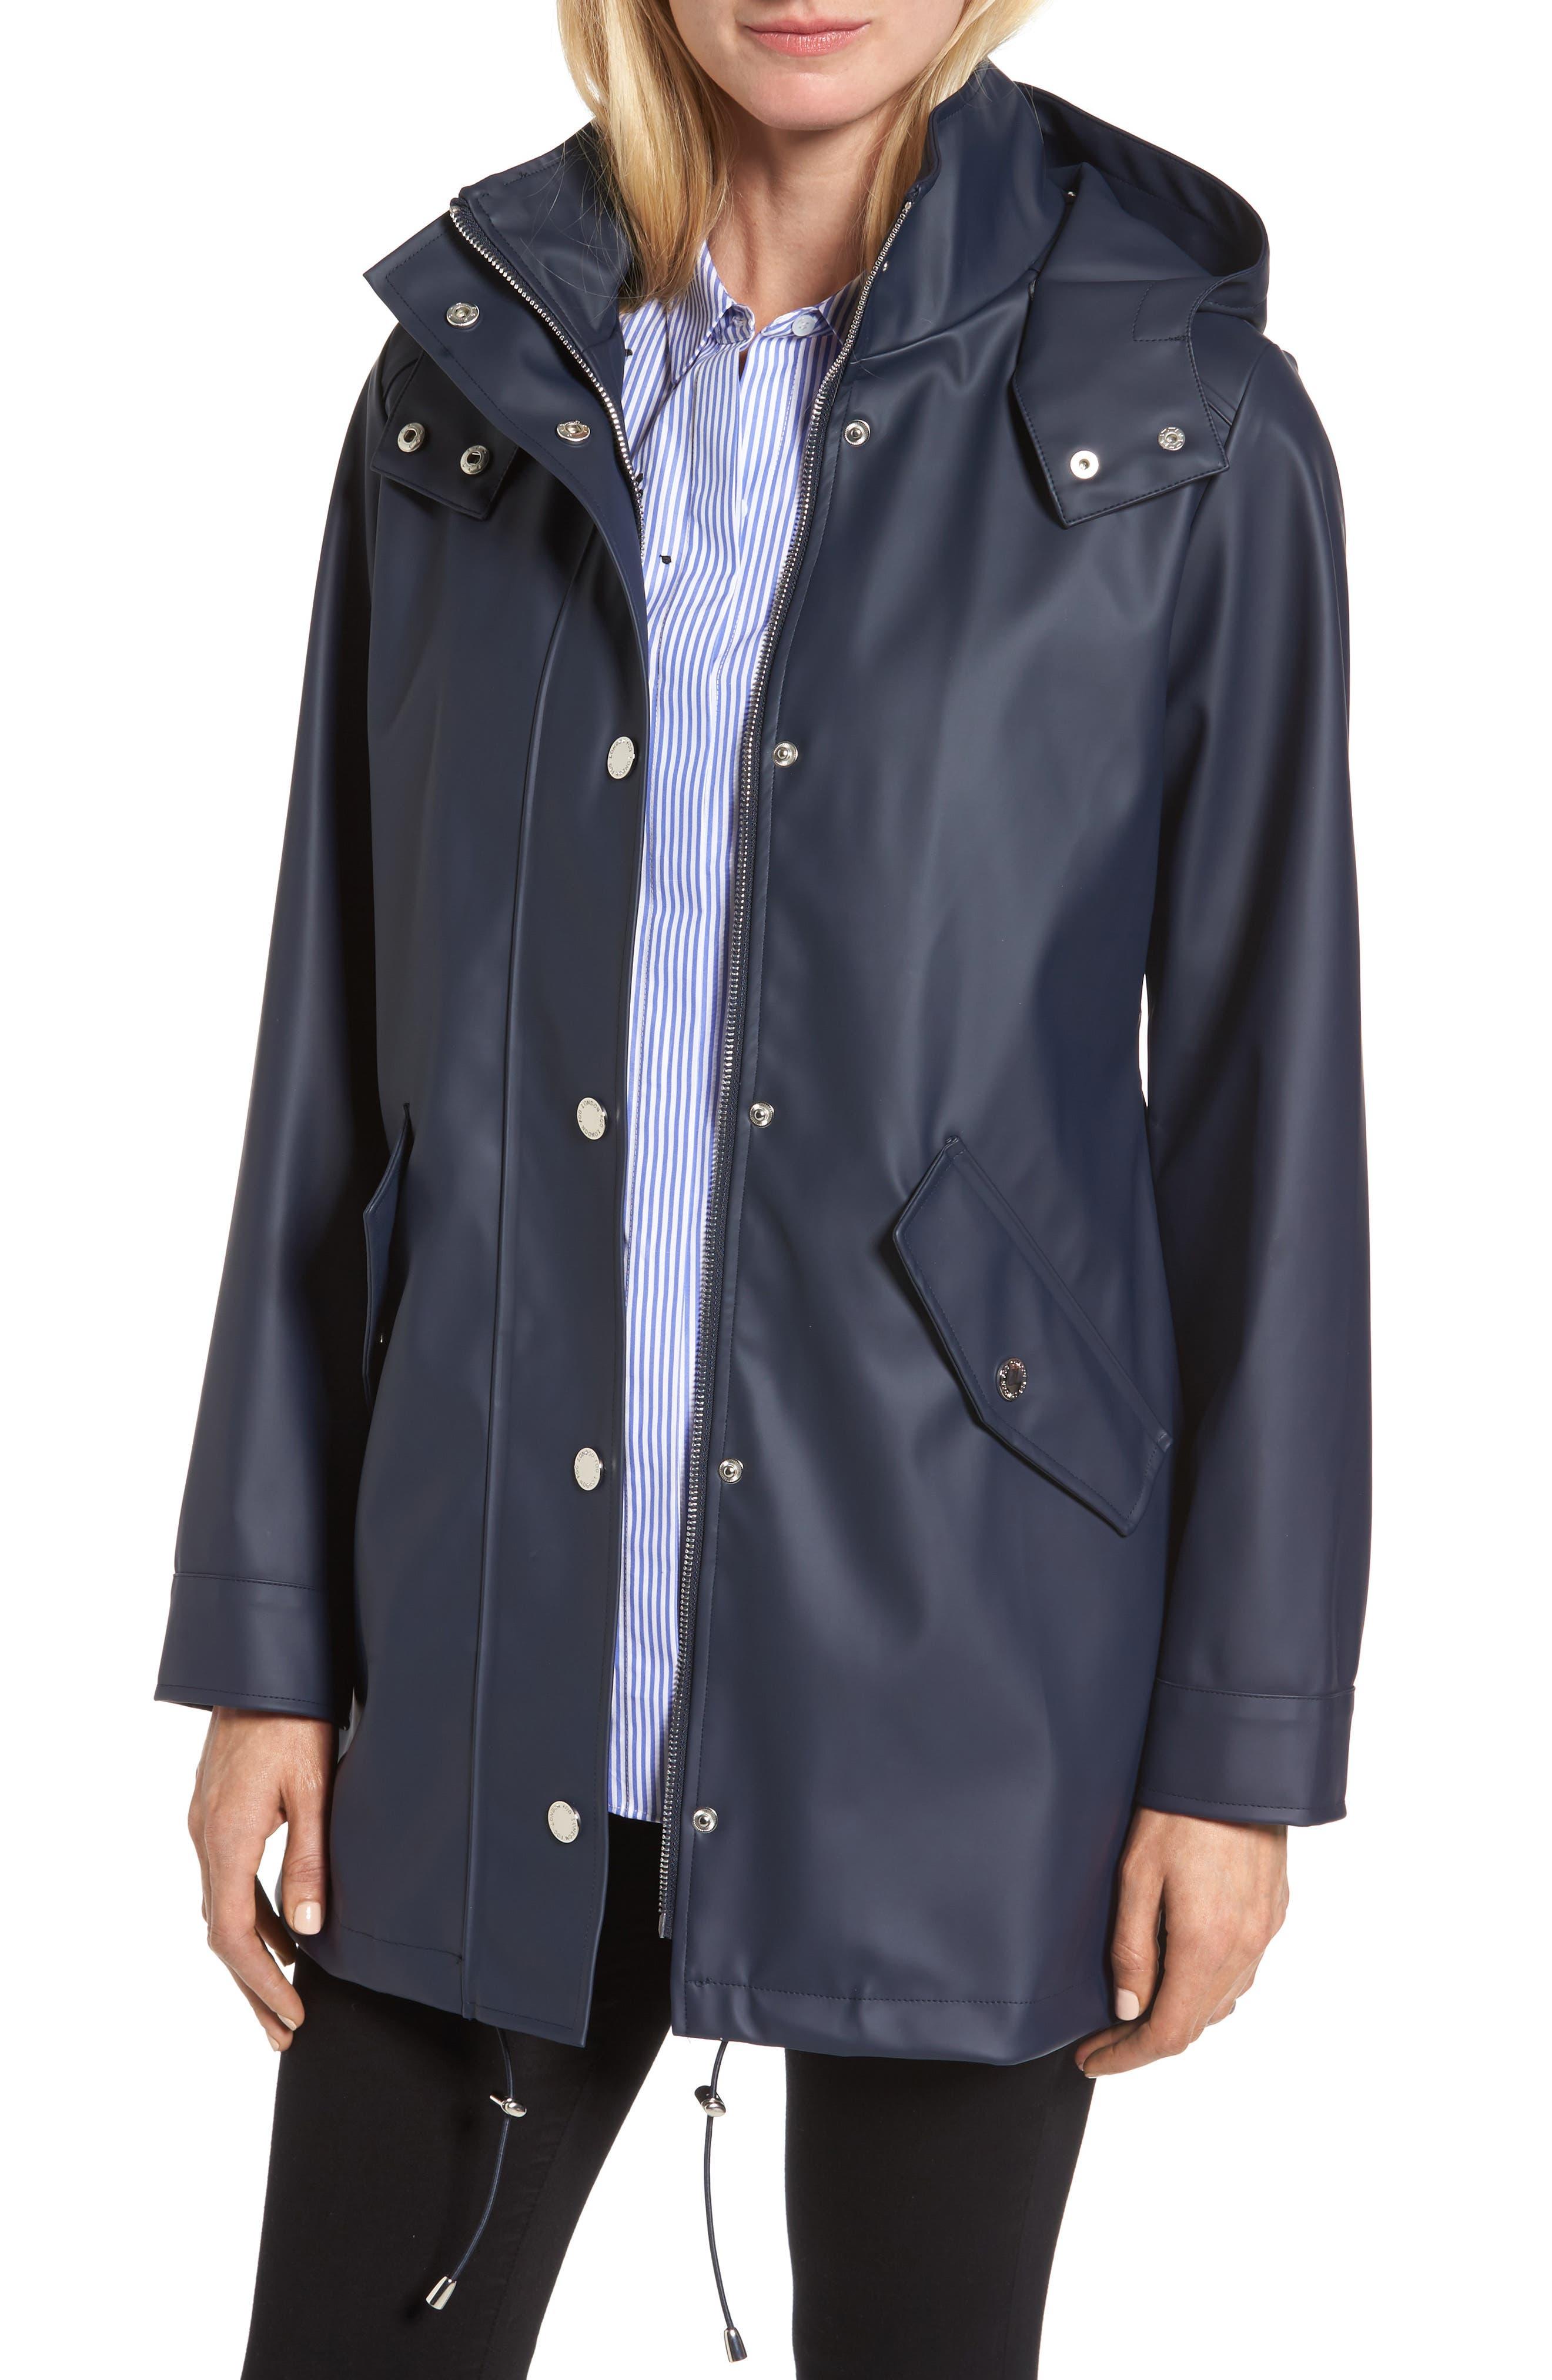 Alternate Image 1 Selected - London Fog Hooded Rain Slicker